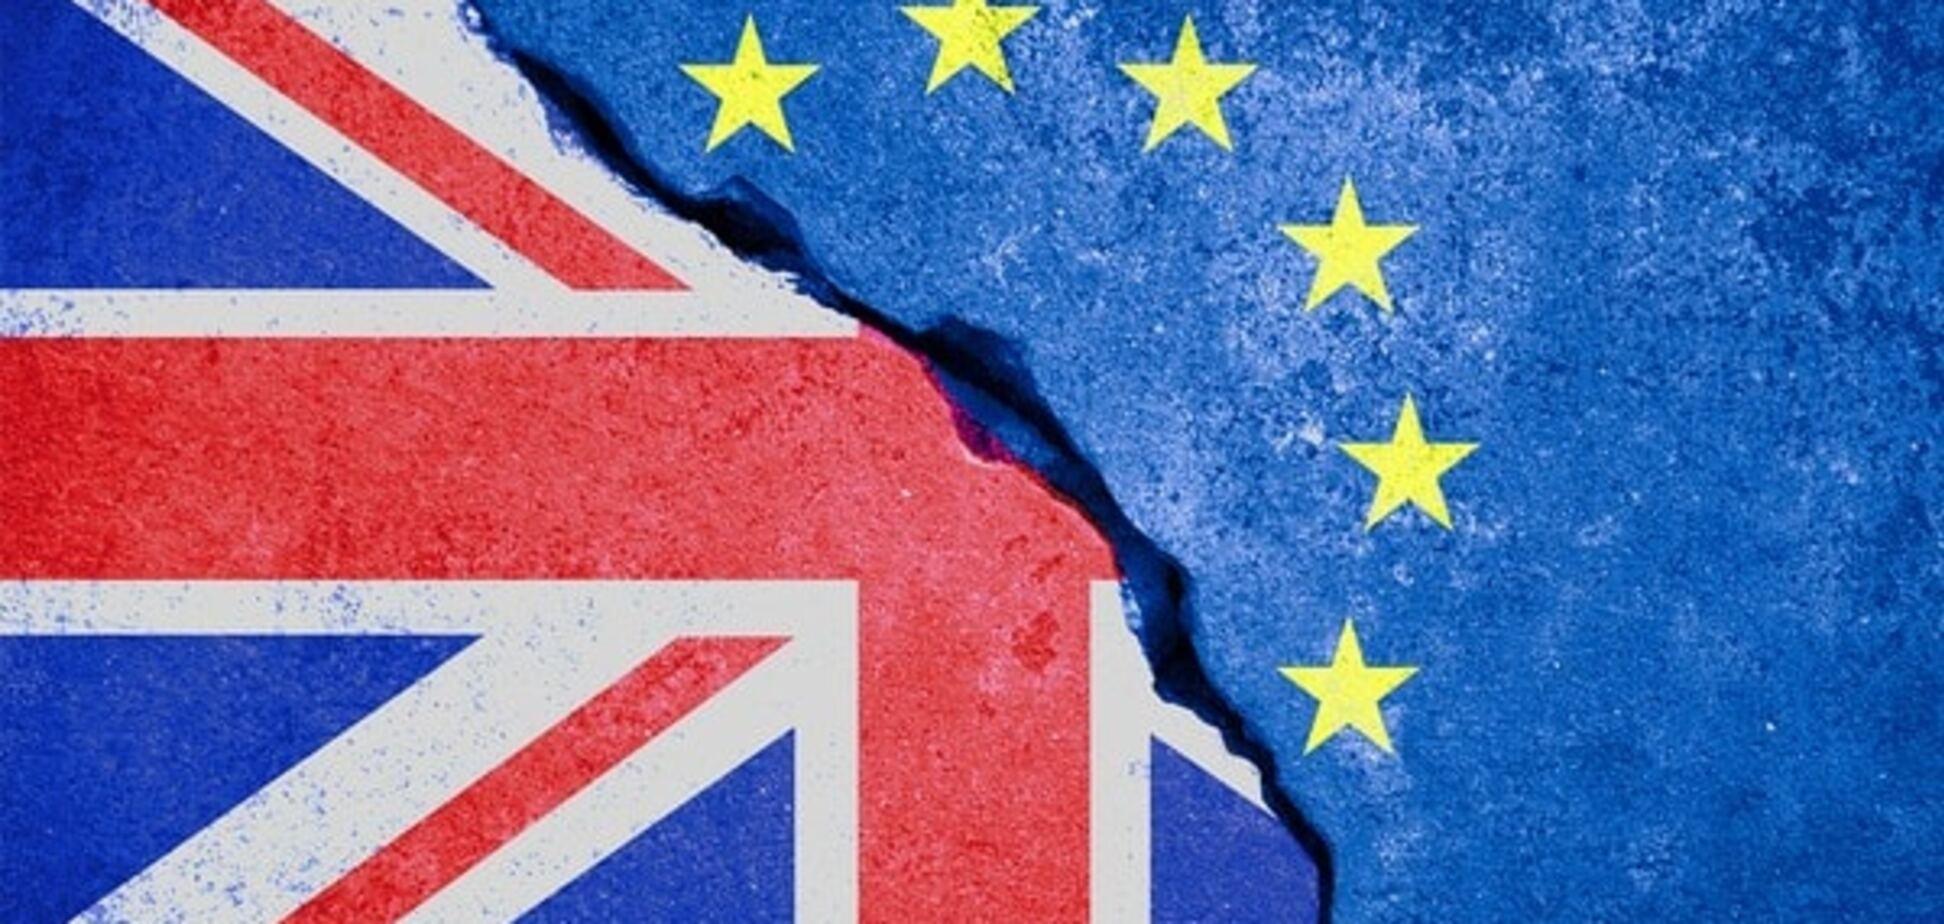 Европа пострадает еще больше, если Британия останется